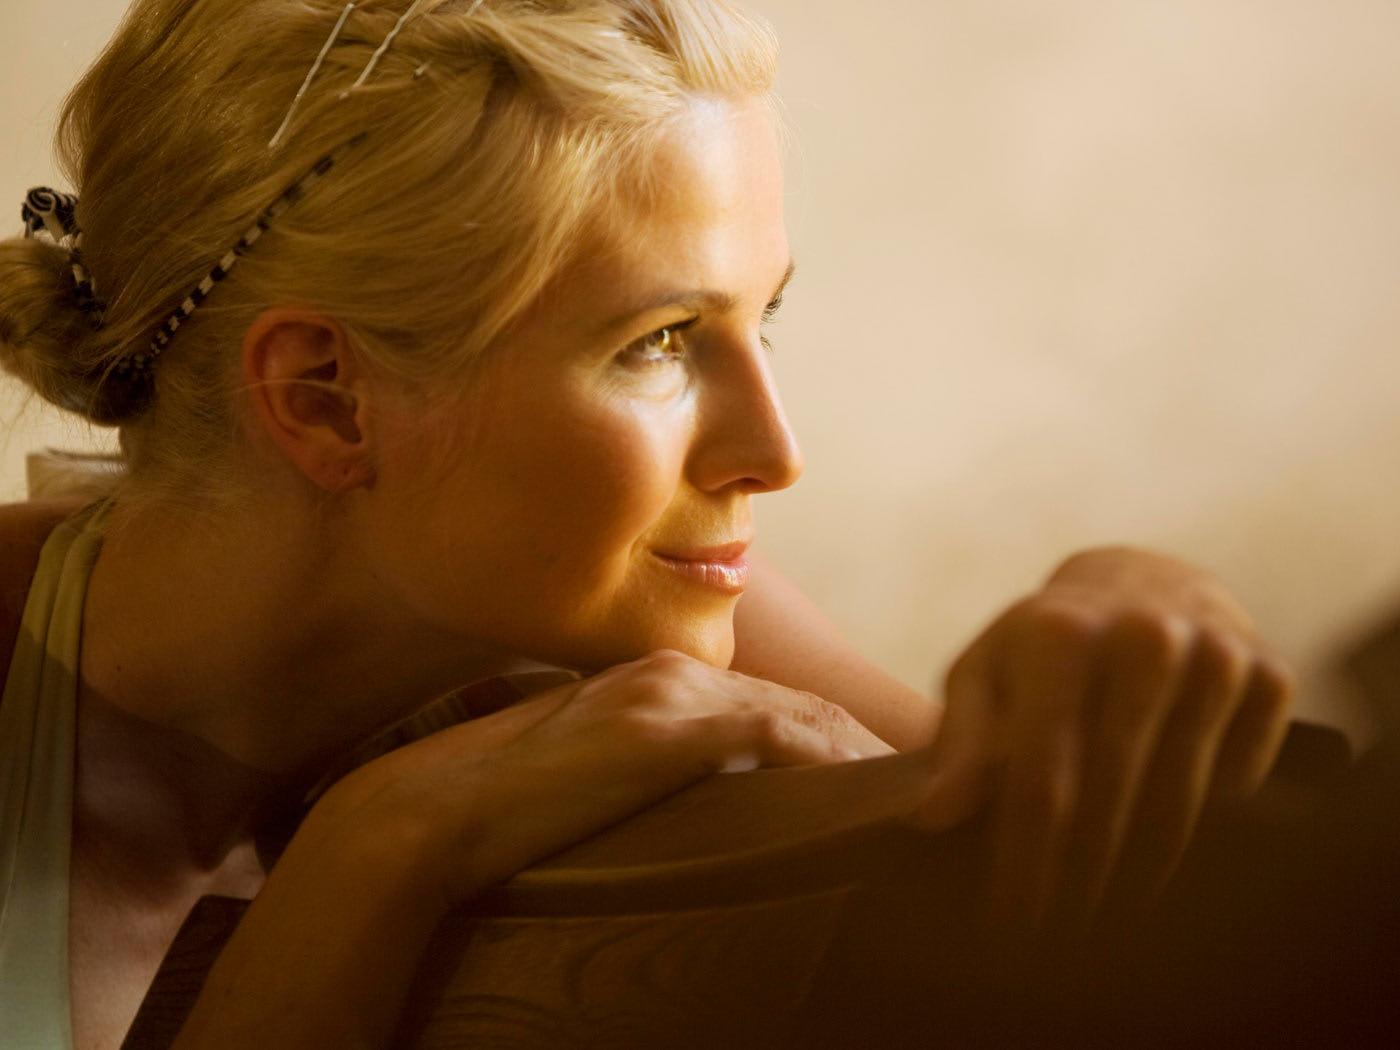 Zeit für mich - Wellness Schnuppertage - 3 Nächte